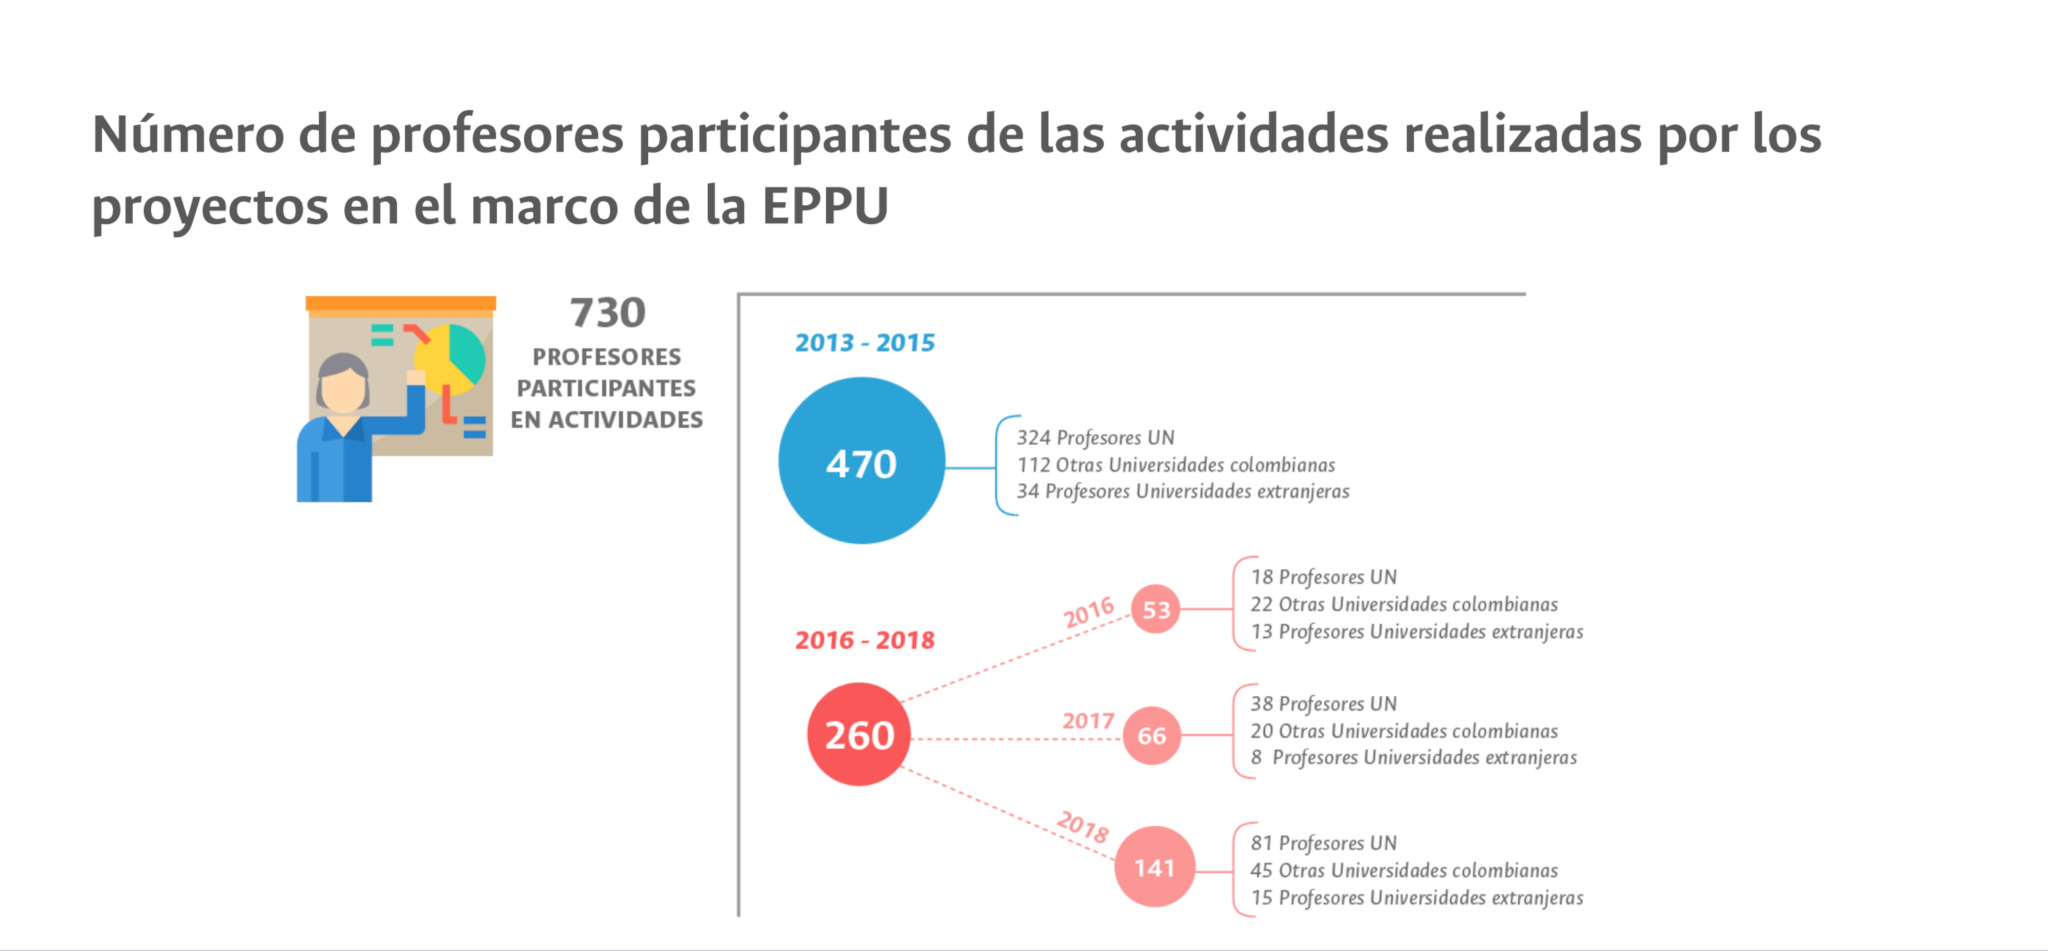 Número de profesores participantes de las actividades realizadas por los proyectos en el marco de la EPPU